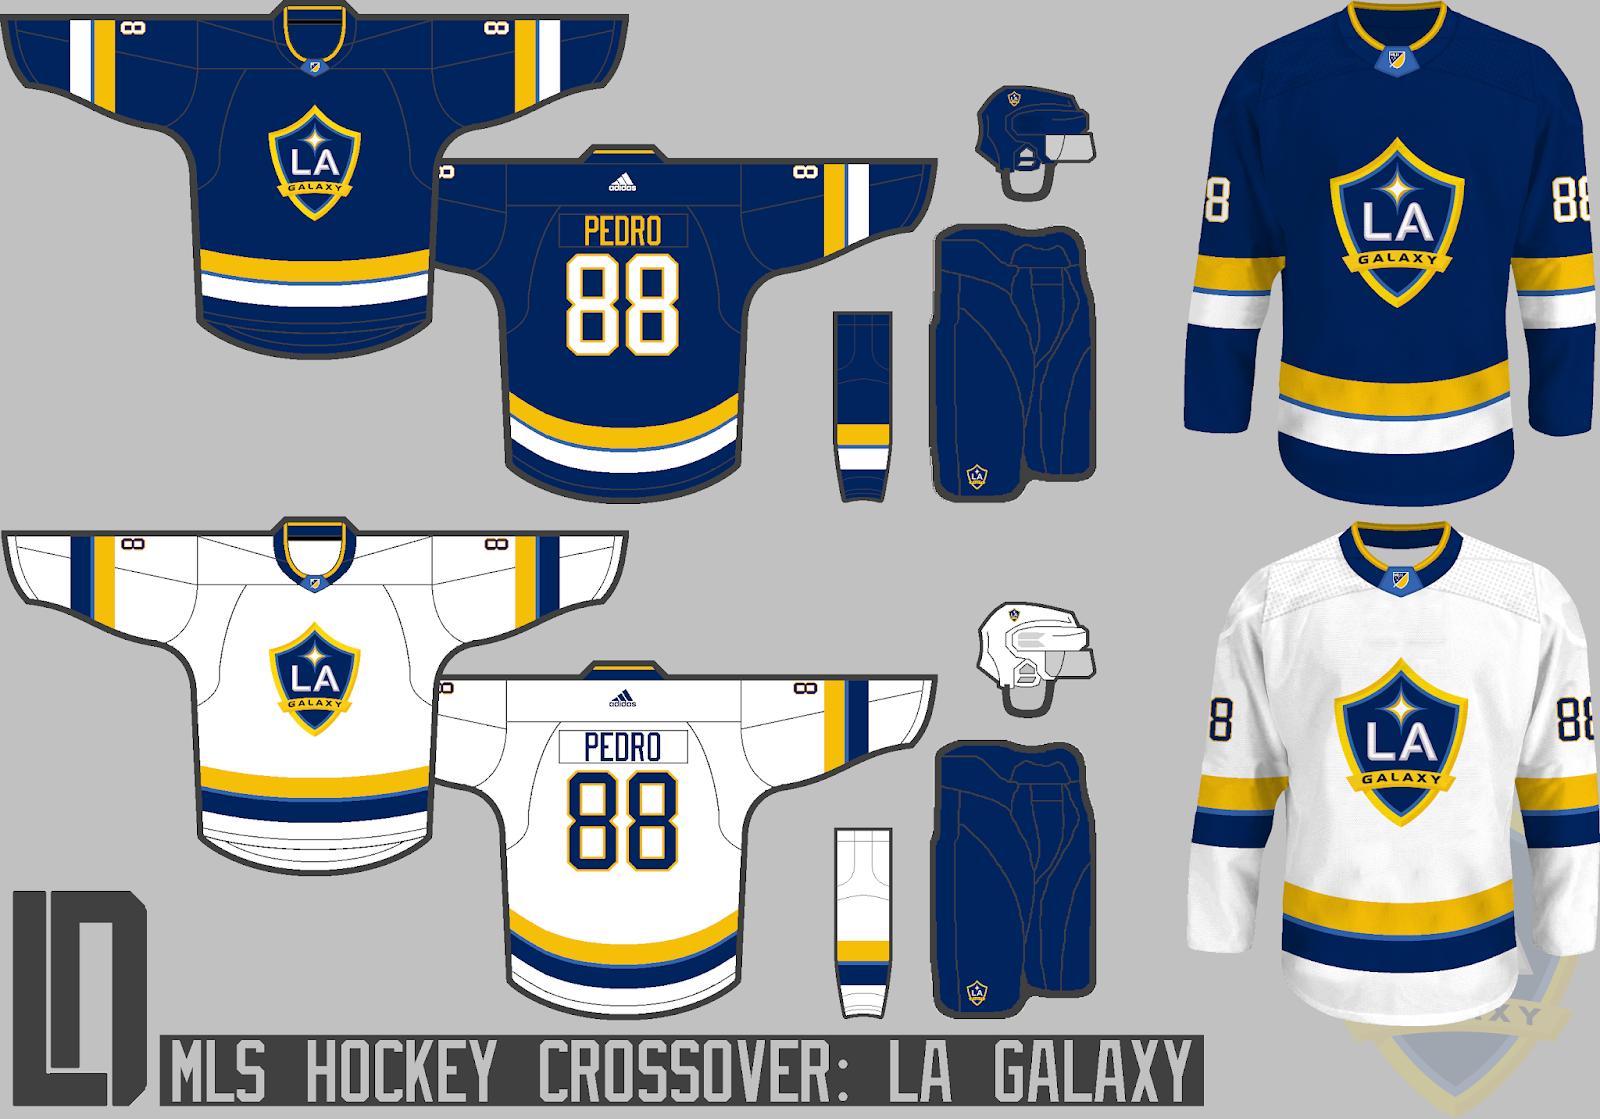 LA+Galaxy+Concept.png